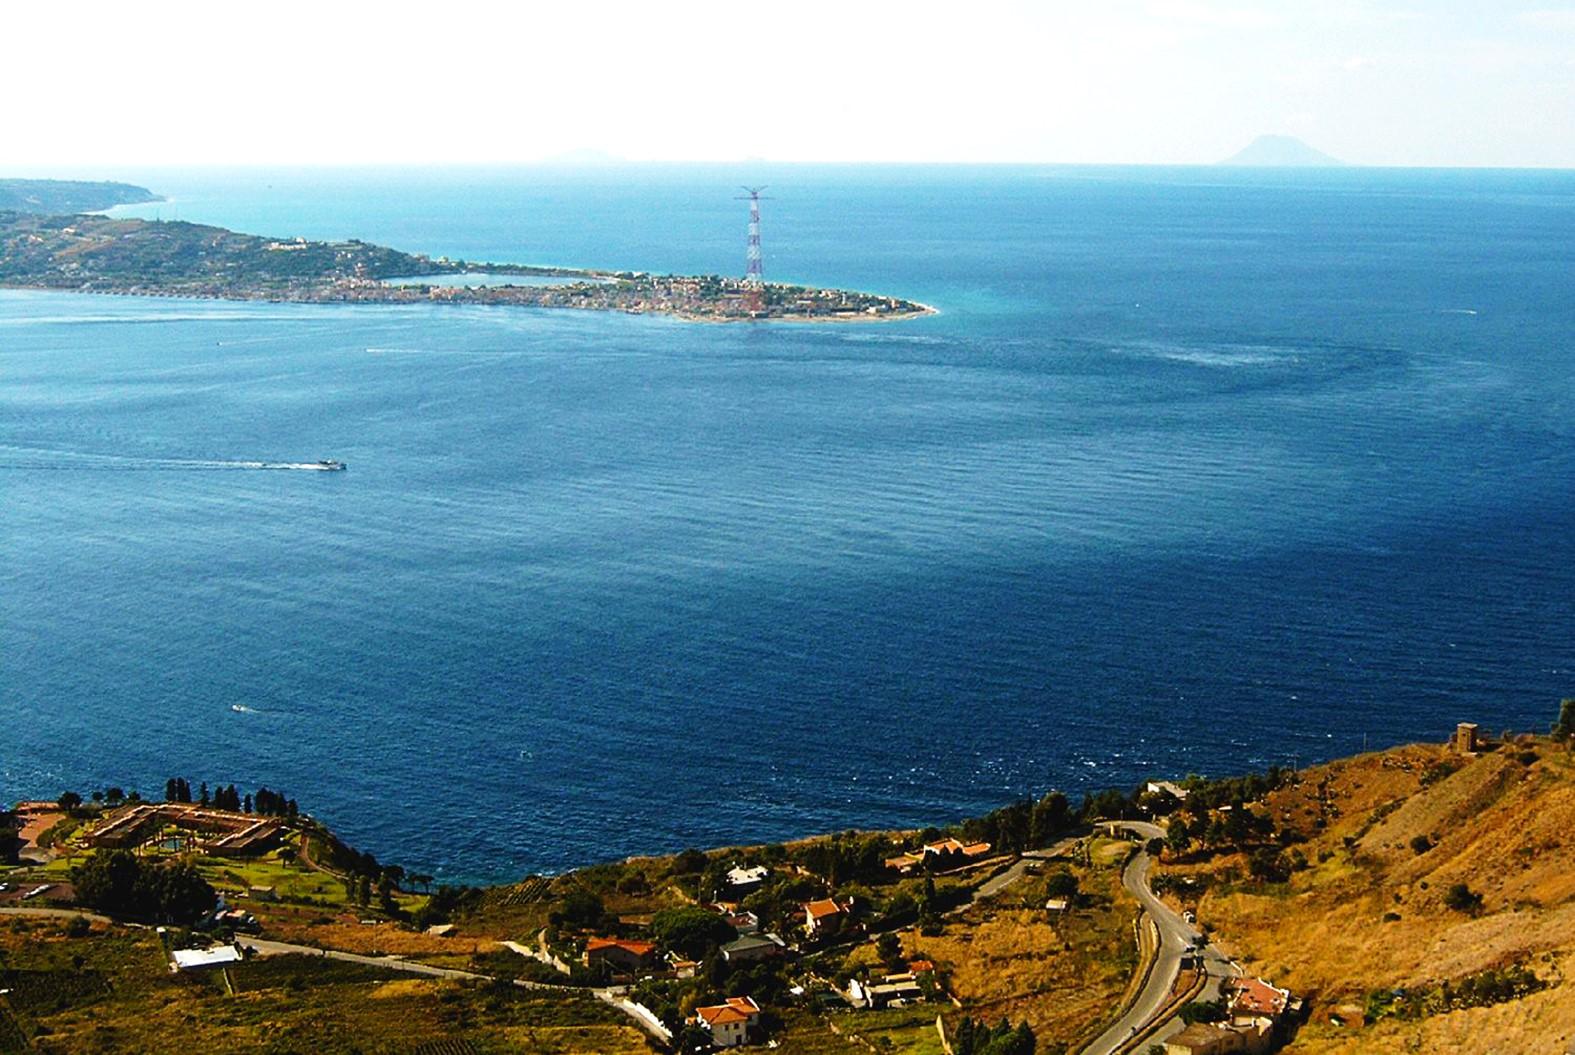 L'idrodinamismo nell'Area dello Stretto di Messina: gli effetti fisici  di Angelo Vazzana